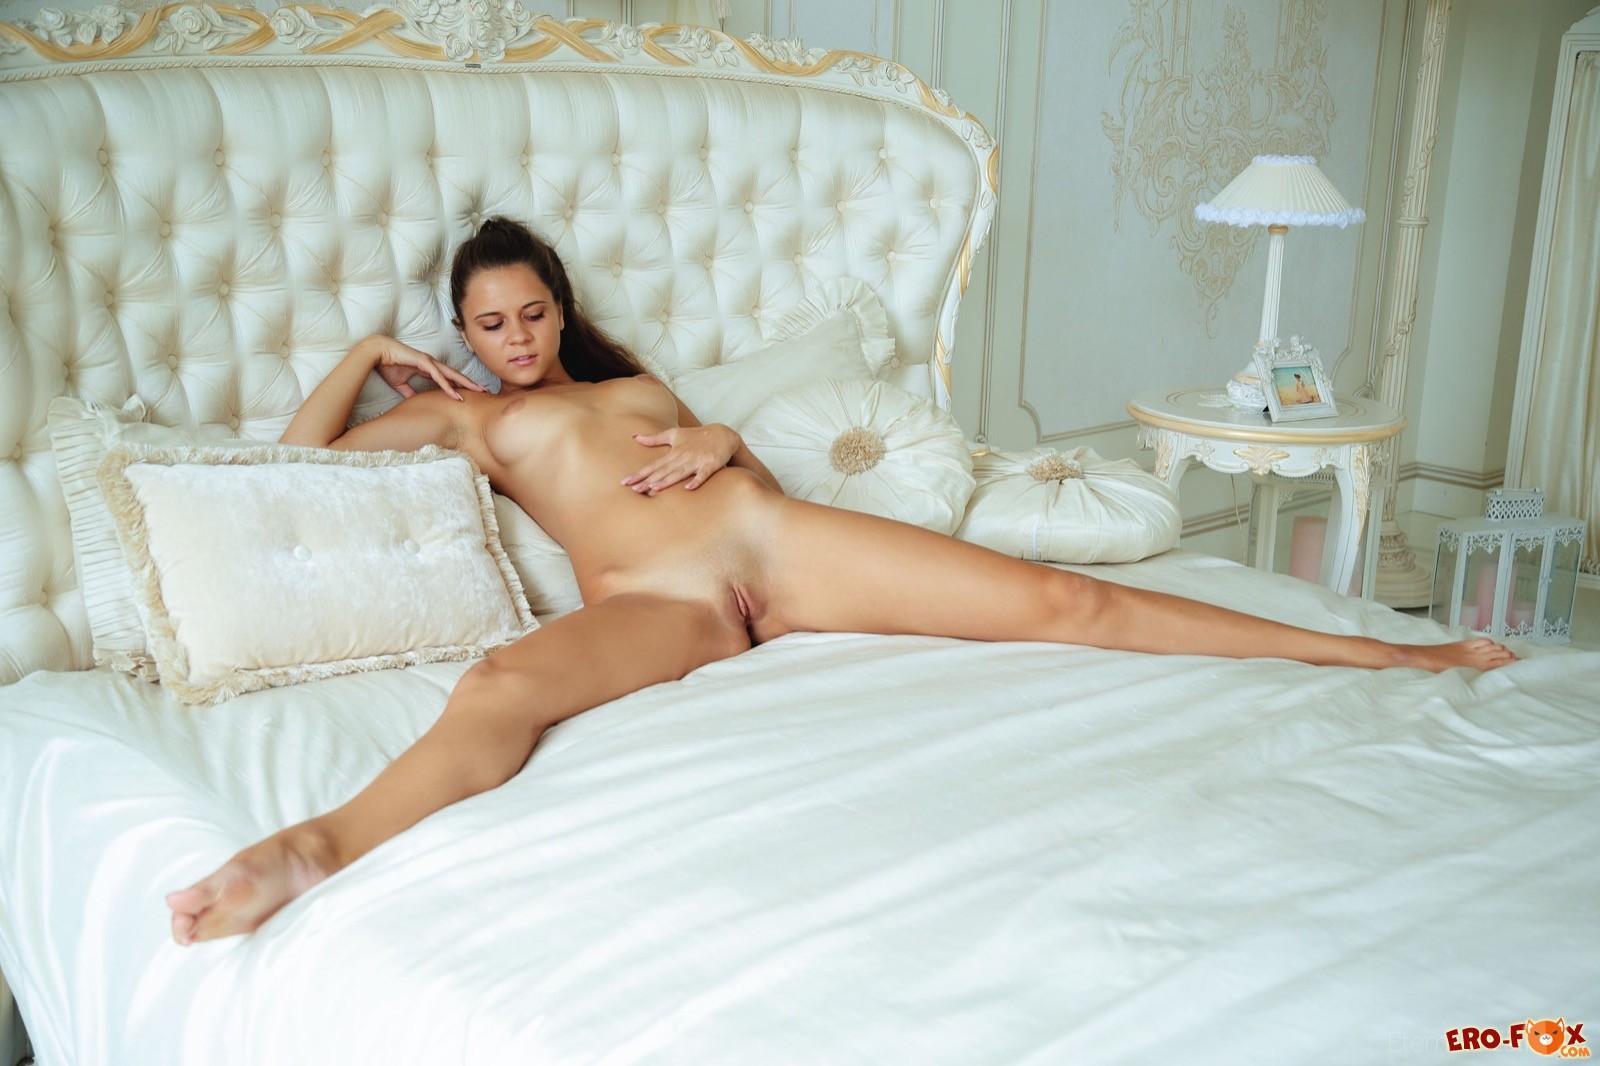 Красивая голая задница стройной девушки в постели